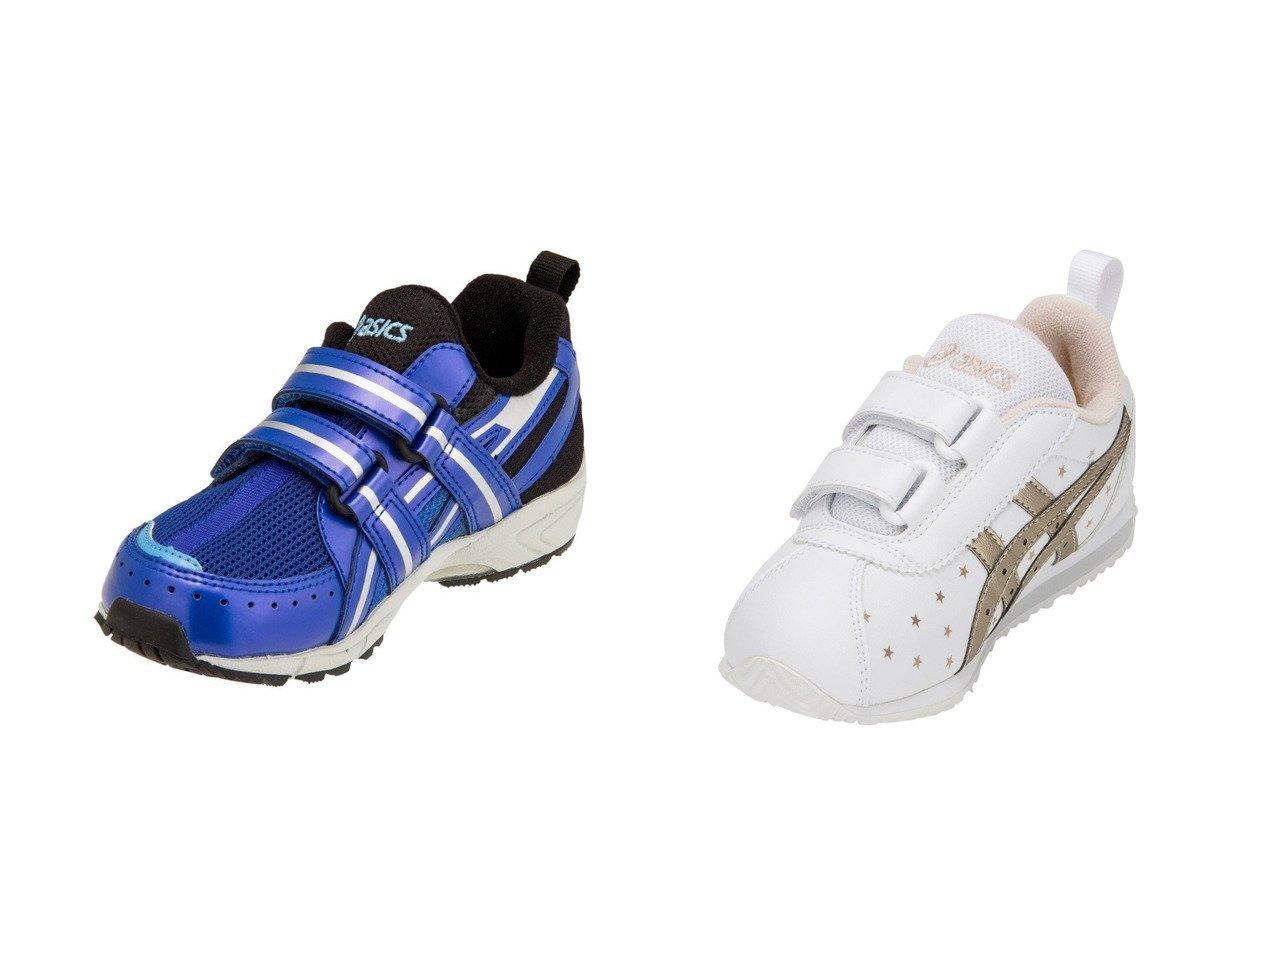 【ASICS WALKING / KIDS/アシックス ランウォーク】のコルセア R MINI SL&GD.RUNNER R MINI MG 3 【KIDS】子供服のおすすめ!人気トレンド・キッズファッションの通販  おすすめで人気の流行・トレンド、ファッションの通販商品 メンズファッション・キッズファッション・インテリア・家具・レディースファッション・服の通販 founy(ファニー) https://founy.com/ ファッション Fashion キッズファッション KIDS 送料無料 Free Shipping ウォーター シューズ シンプル 再入荷 Restock/Back in Stock/Re Arrival 抗菌 |ID:crp329100000034861